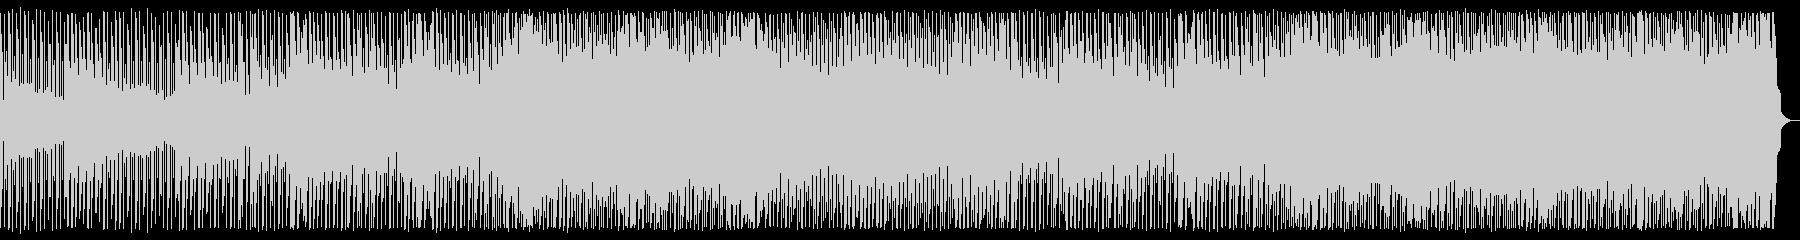 サイバー/エレクトロ_No579_1の未再生の波形